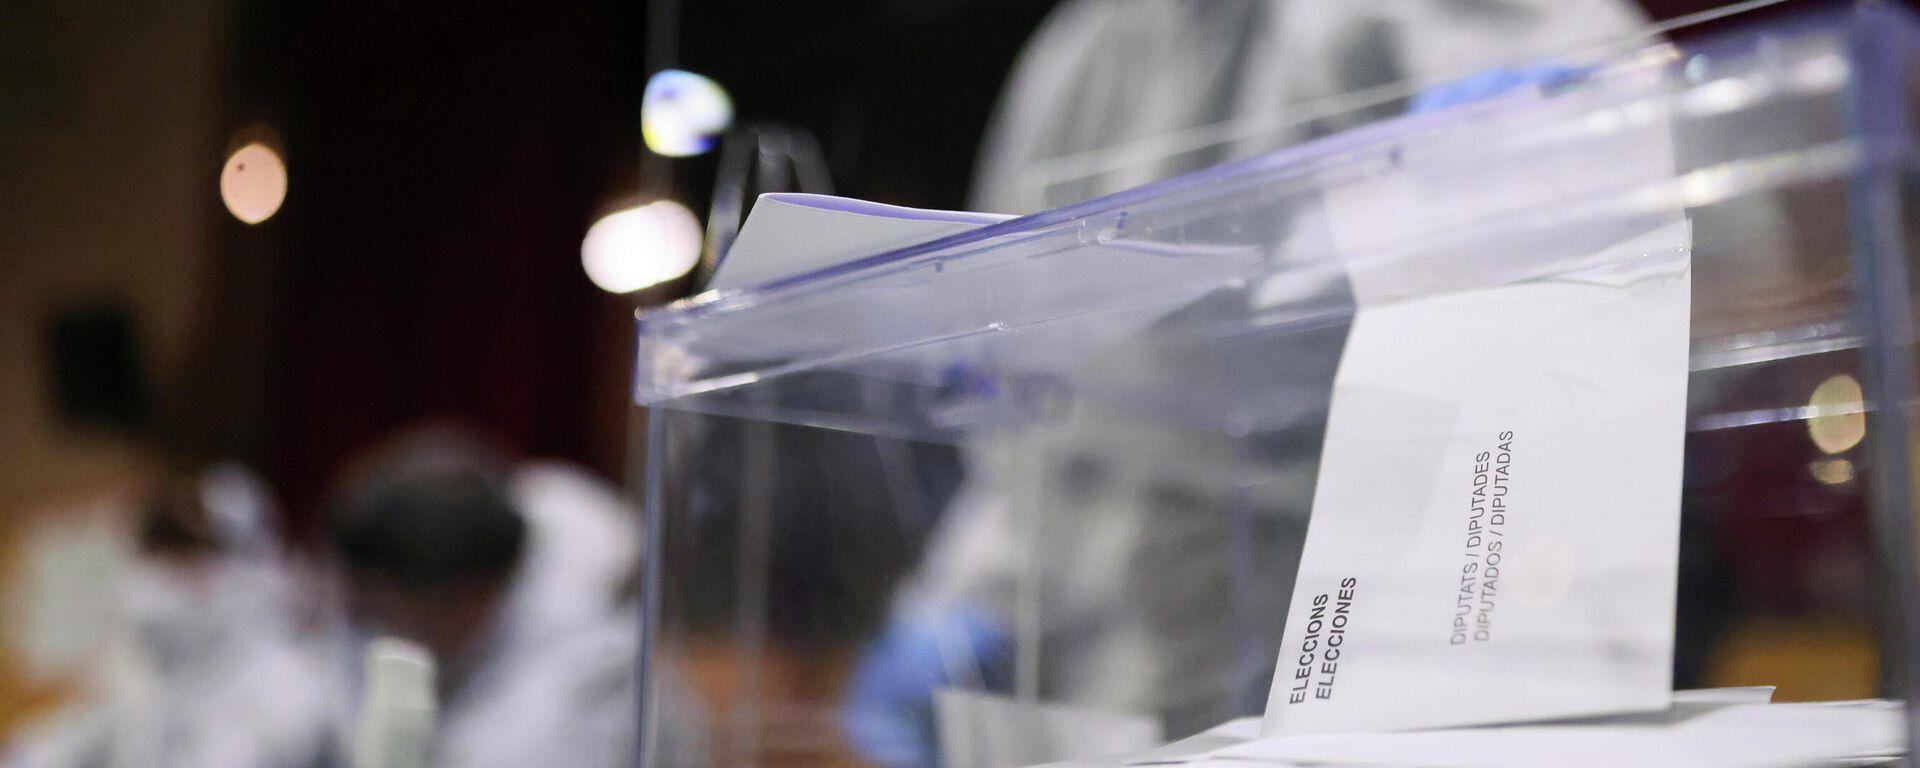 Elecciones parlamentarias en Cataluña - Sputnik Mundo, 1920, 16.02.2021